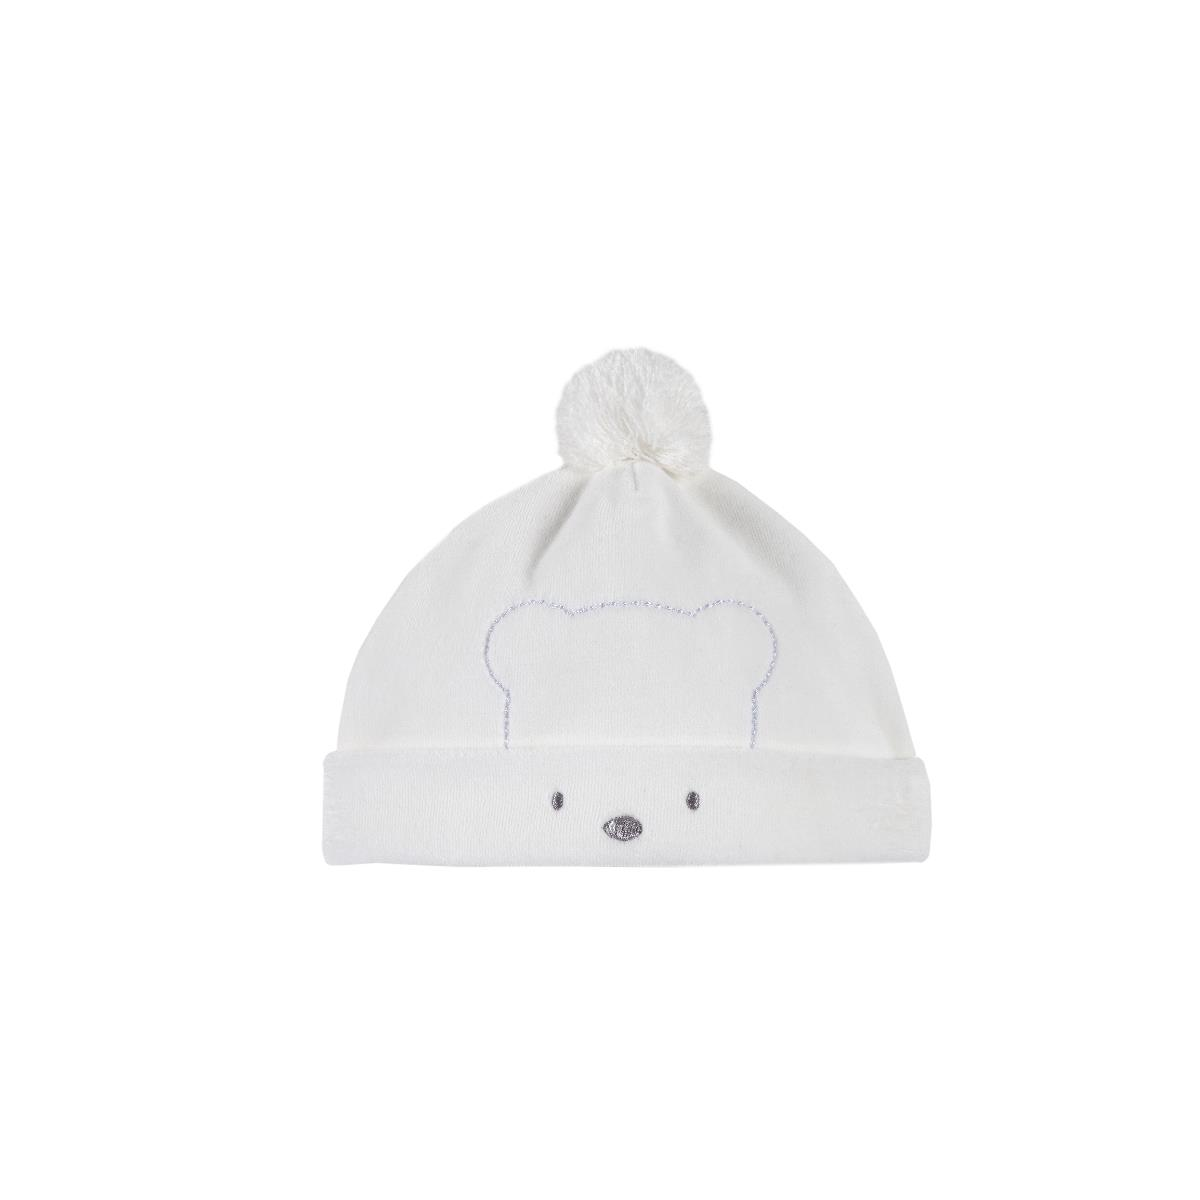 cheaper 73758 19cb4 Cappellino Bianco Ciniglia Neonato Unisex Chicco|Shop ...